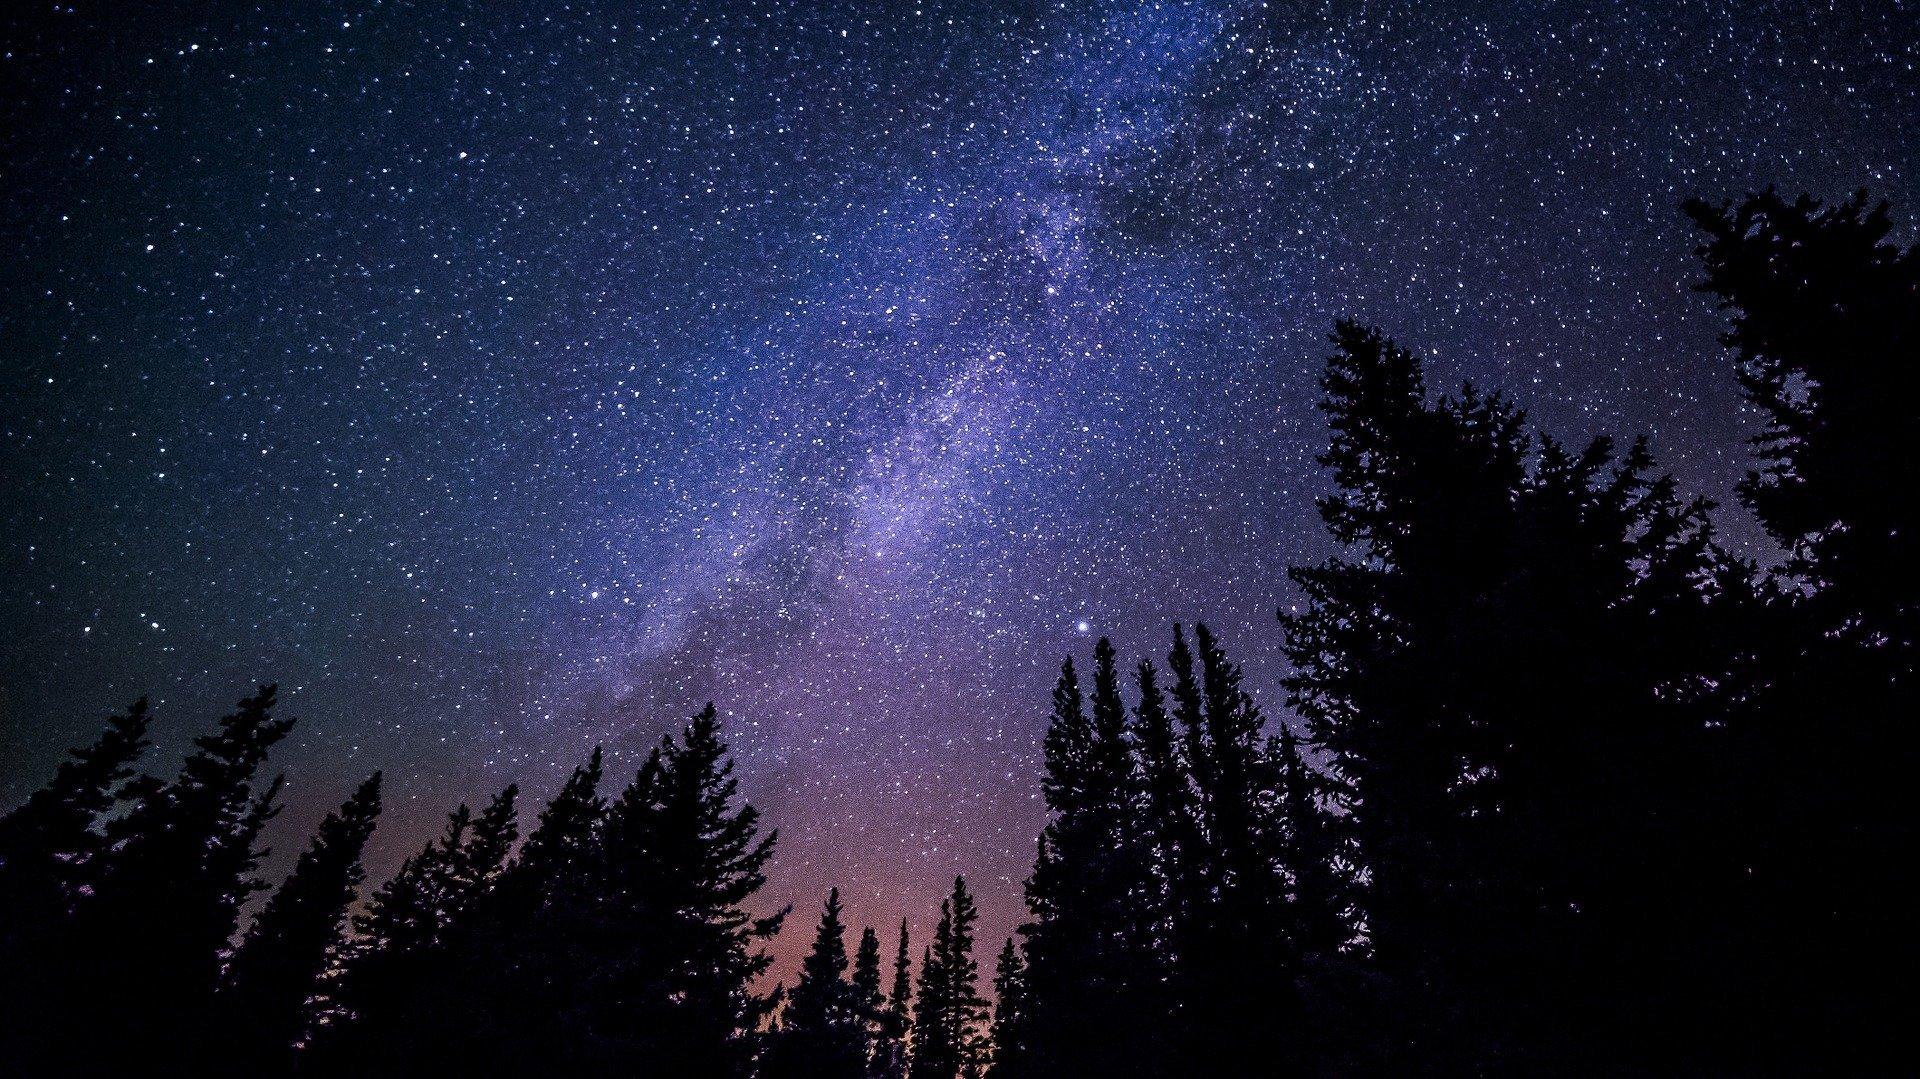 Galaxy At Night - Photography Print